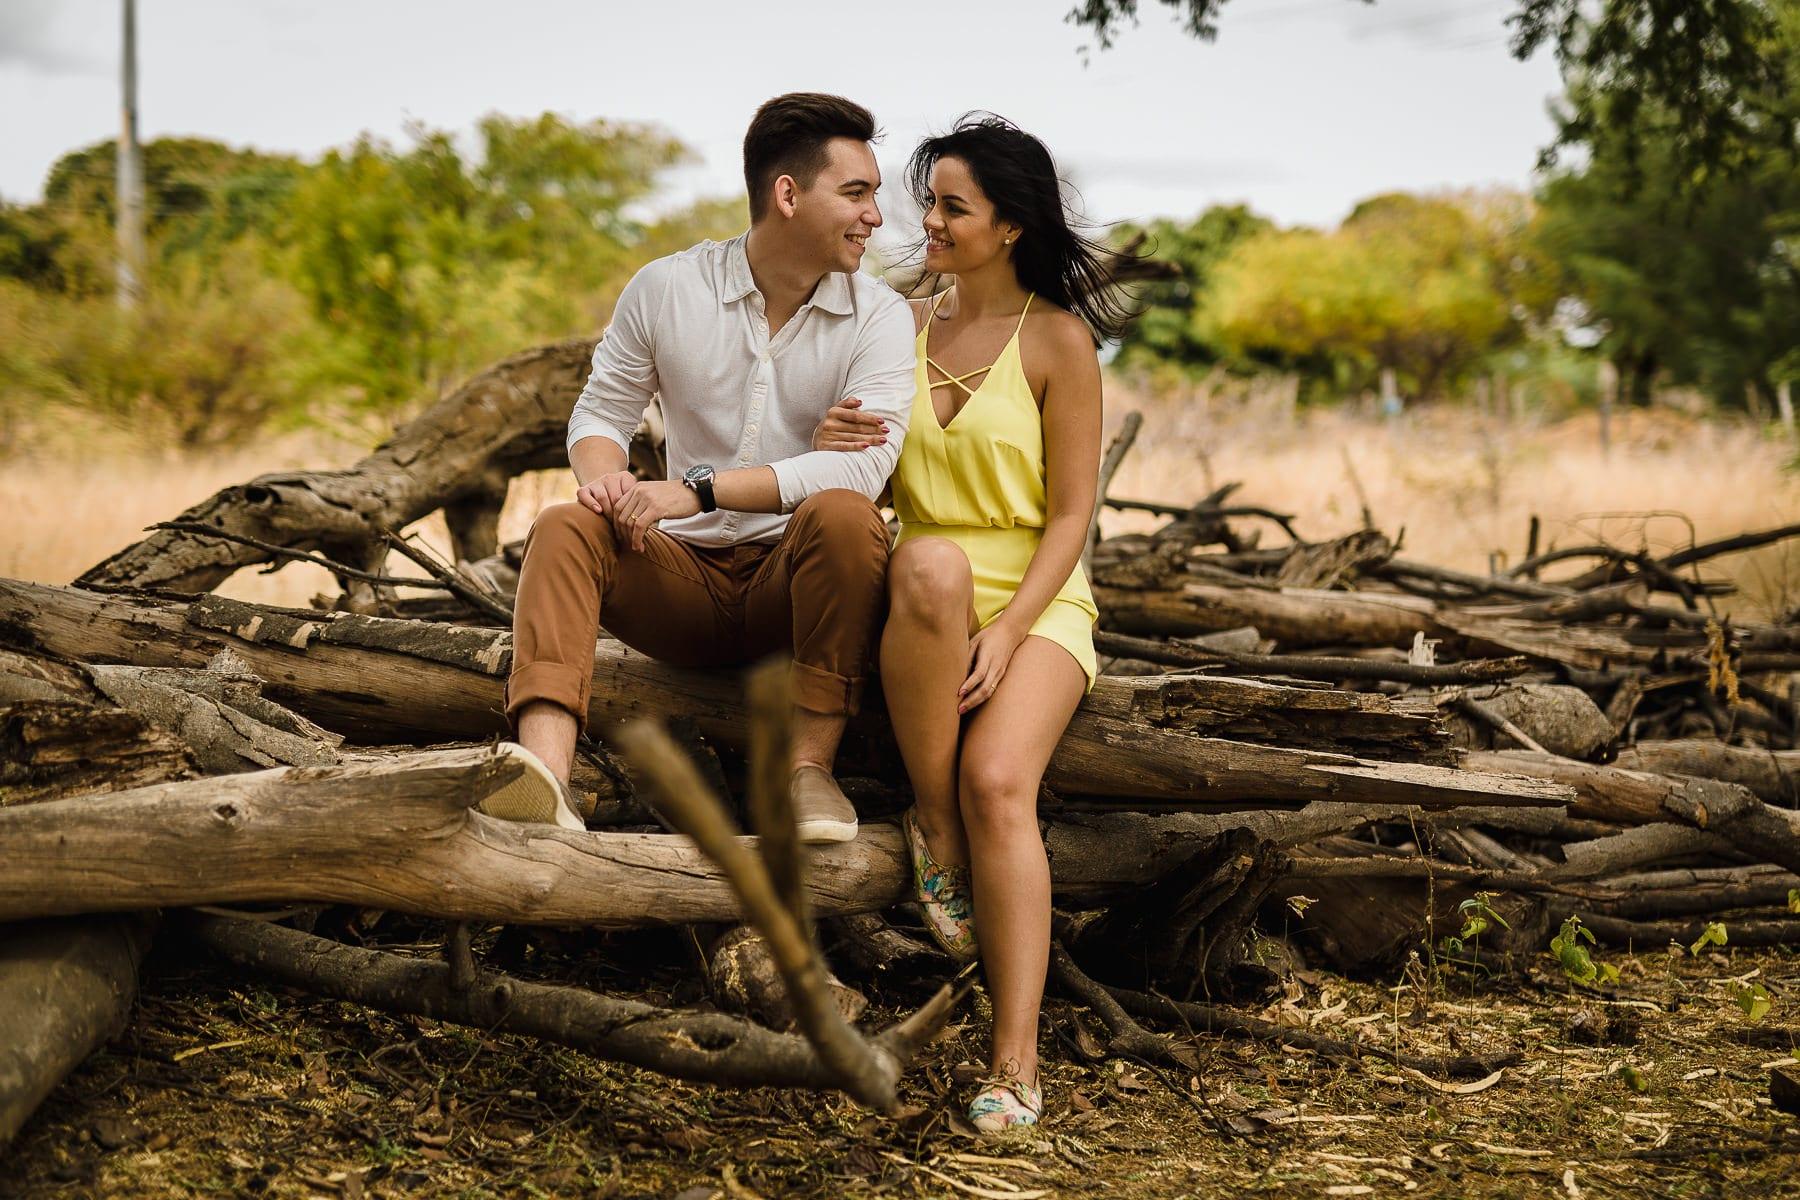 Fotógrafo de Casamento em Petrolina Pernambuco